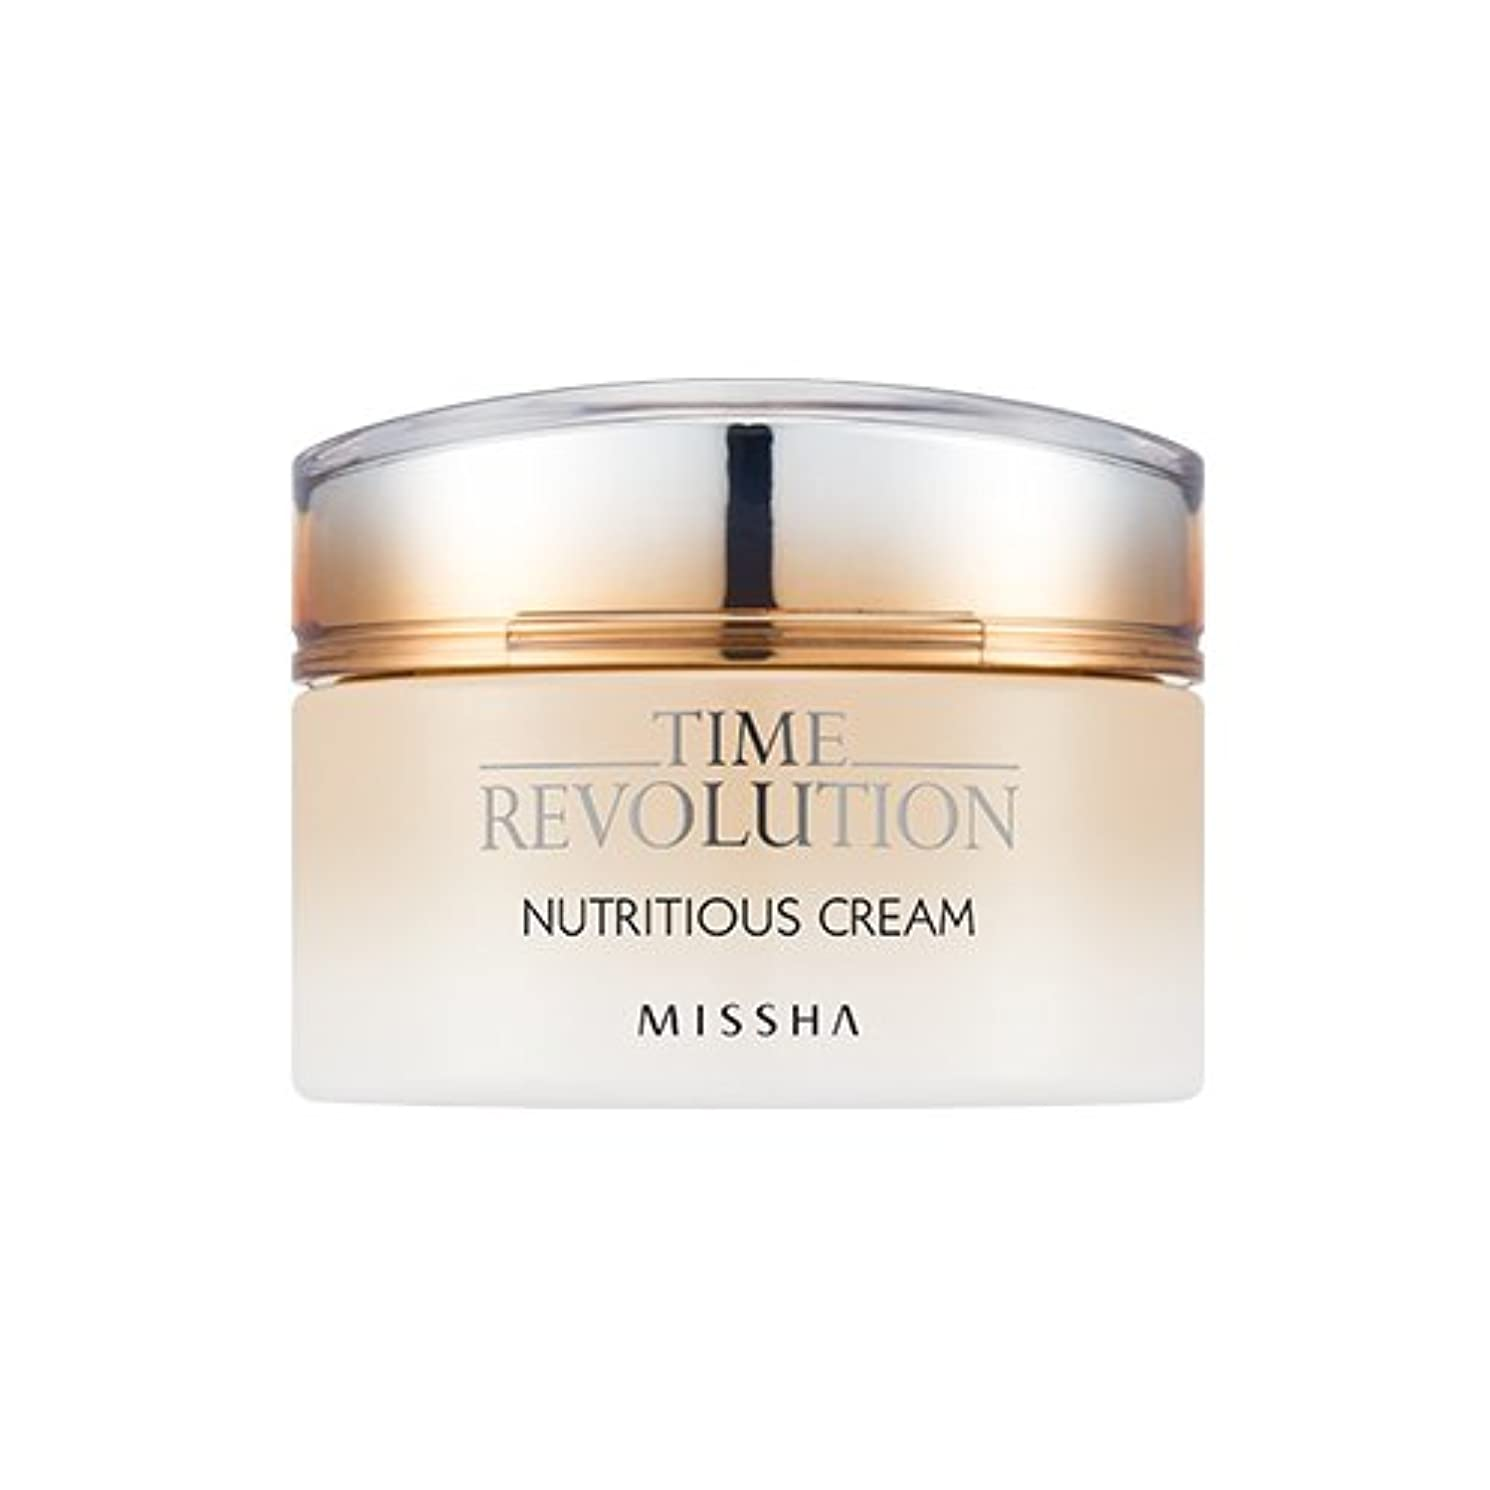 リッチ荒涼とした小説[New] MISSHA Time Revolution Nutritious Cream 50ml/ミシャ タイム レボリューション ニュートリシャス クリーム 50ml [並行輸入品]